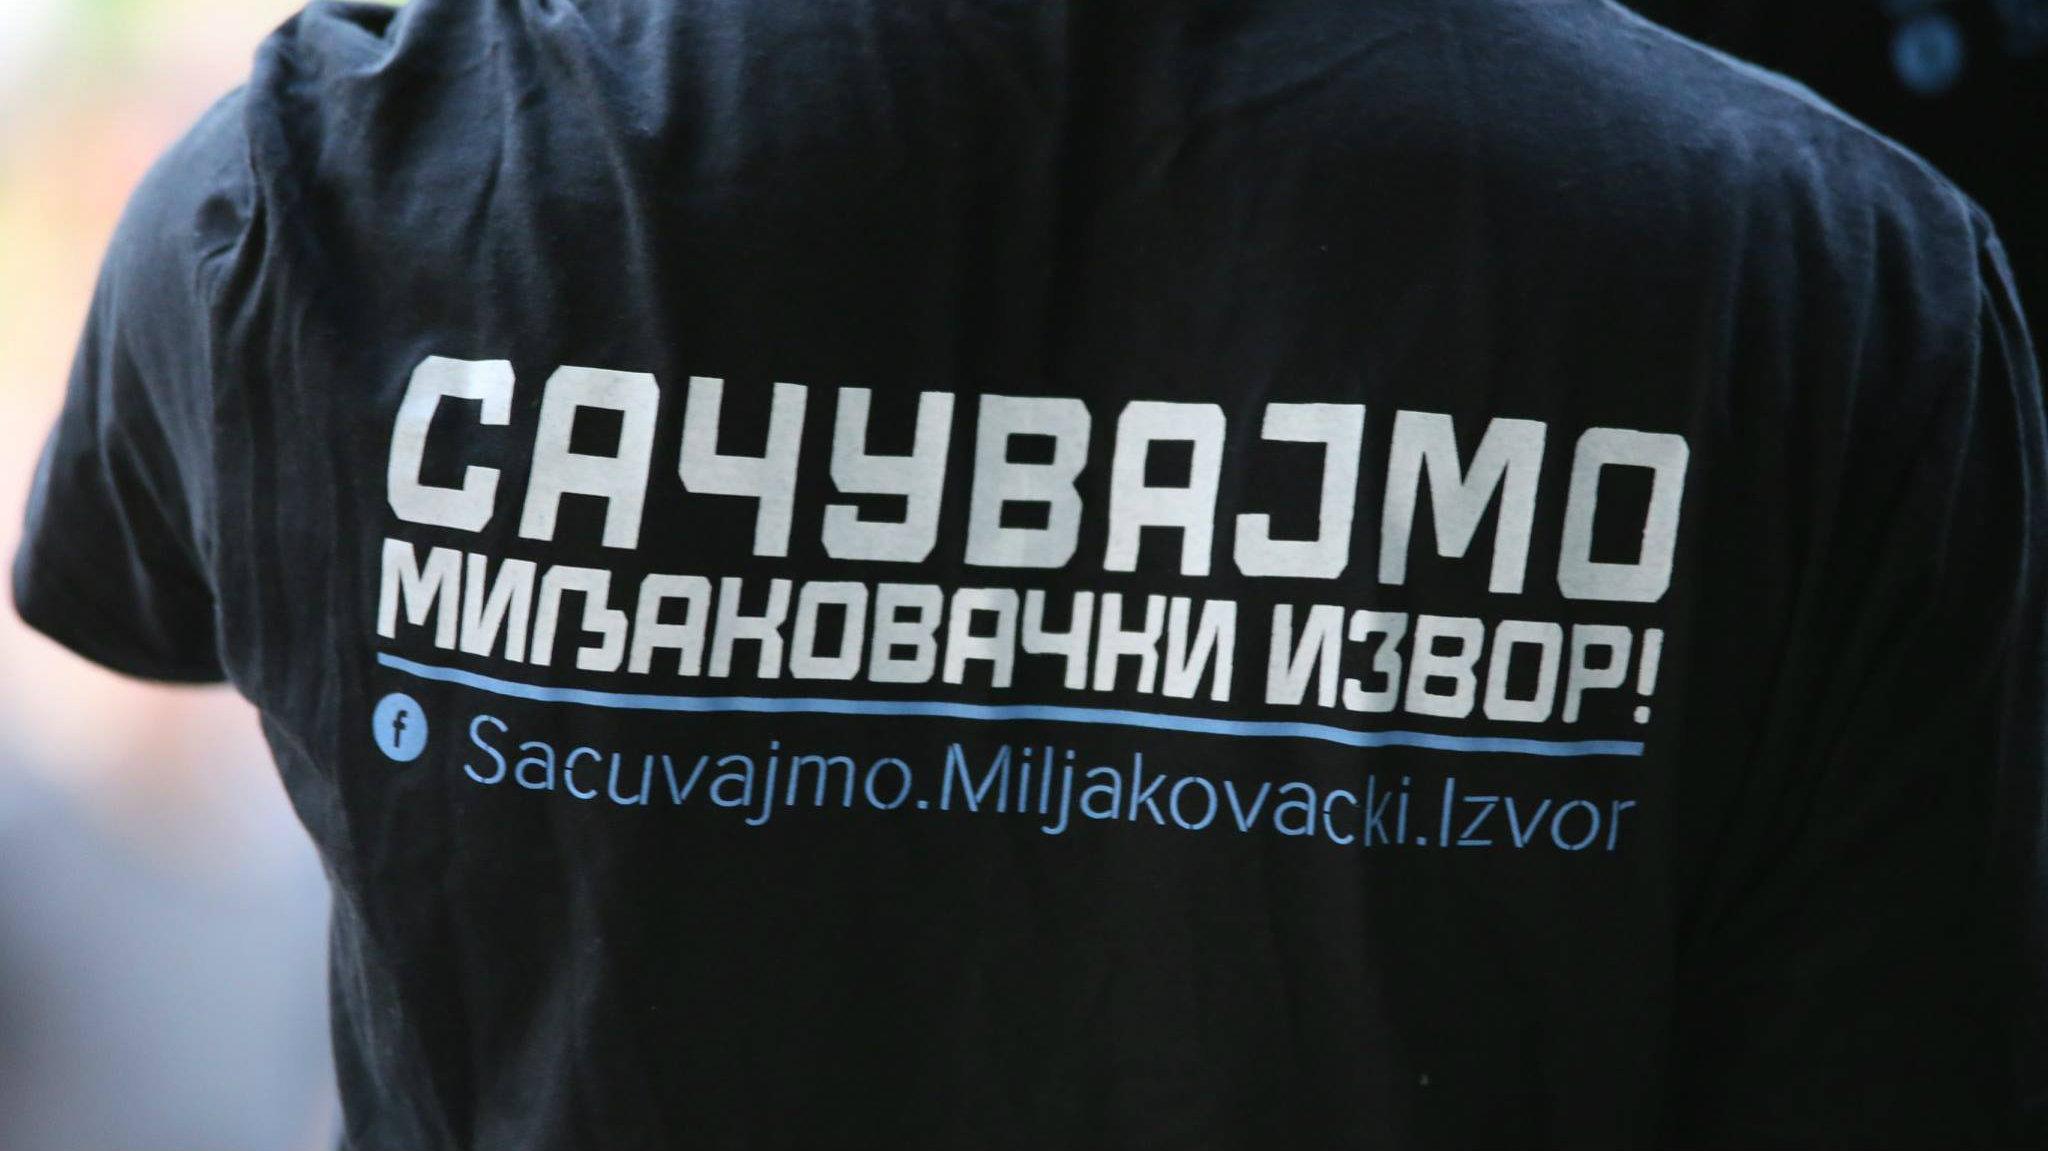 Čuvari Miljakovačkog izvora: Gerilska borba za građanska prava 3